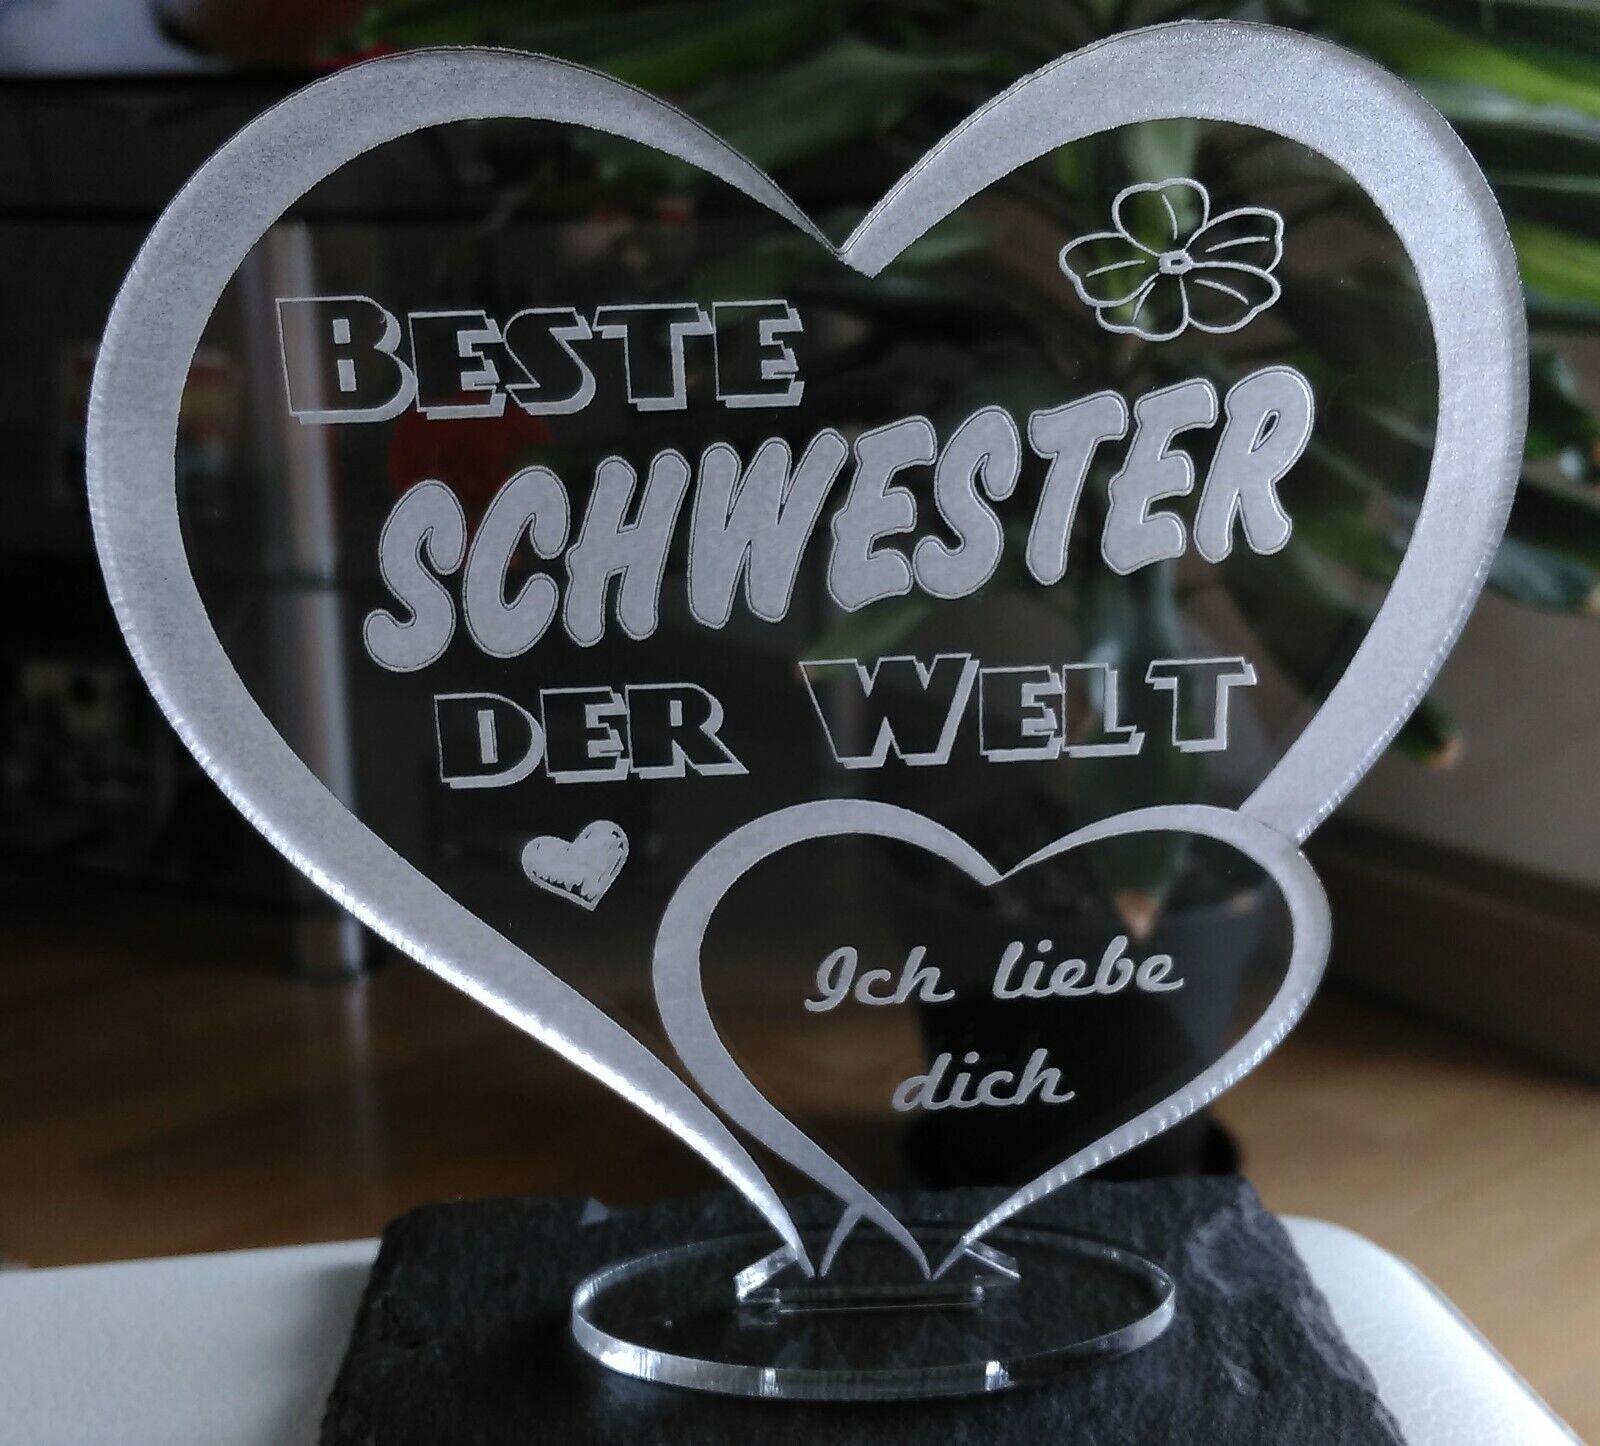 Beste Schwester Muttertag Geschenk Geburtstag Liebe Led Licht Ebay